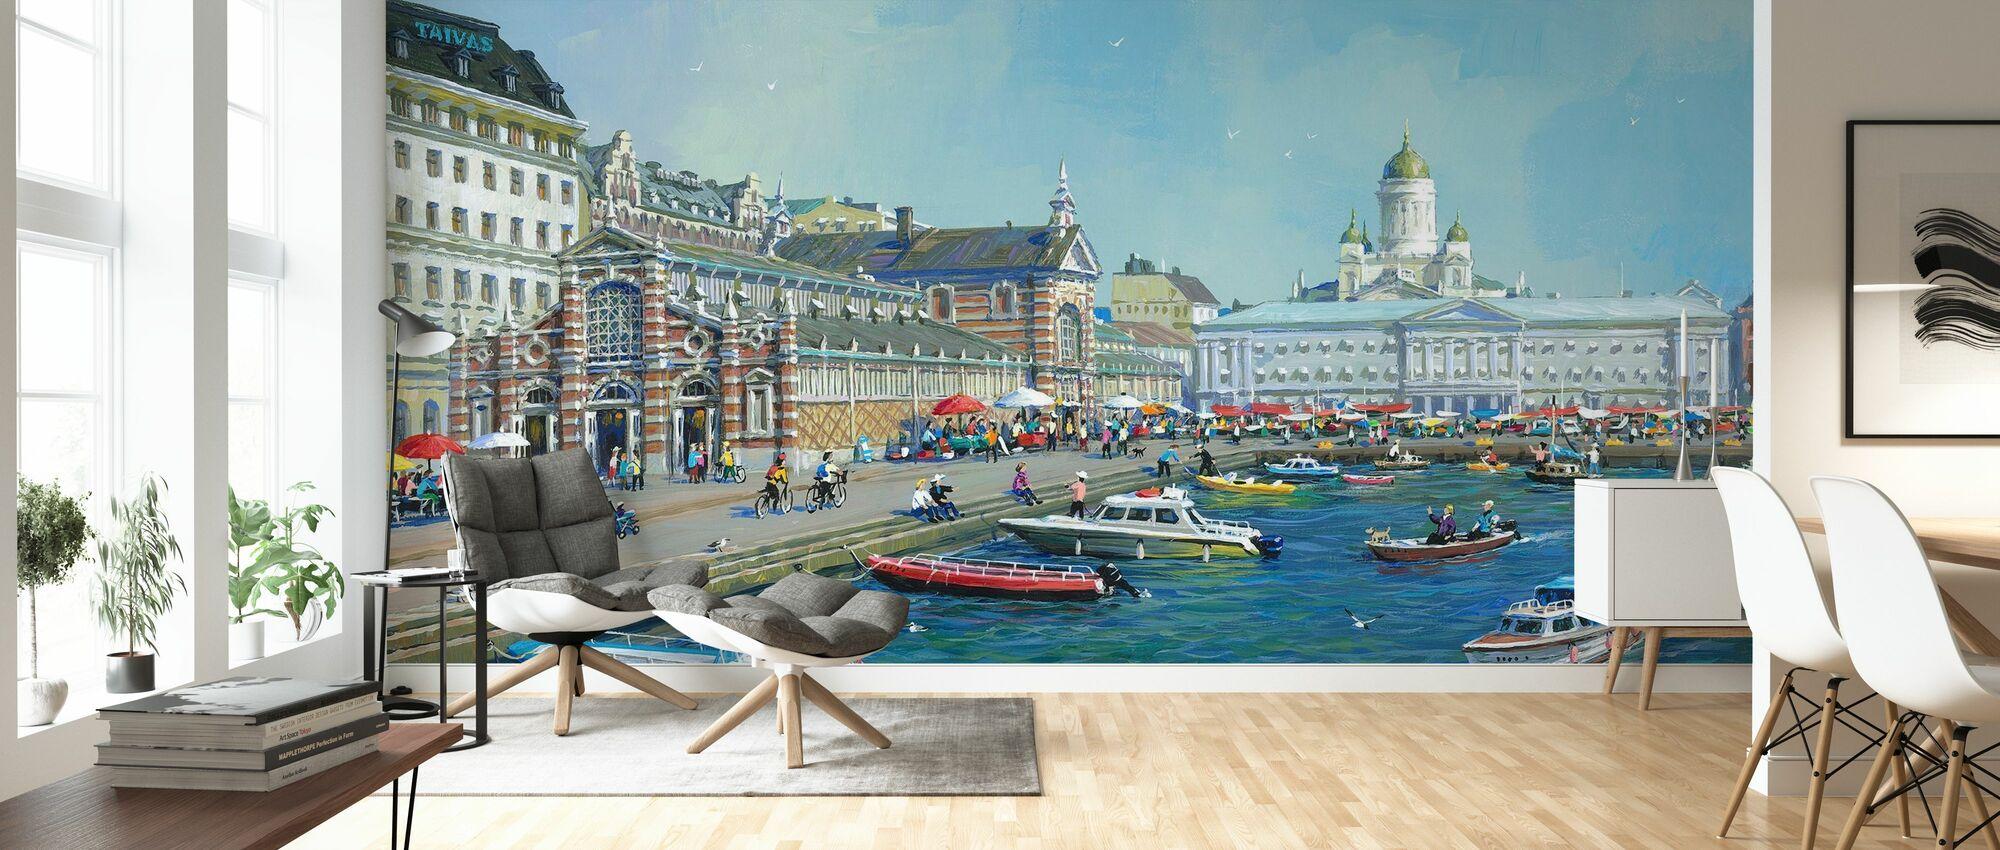 Helsinki Market - Wallpaper - Living Room